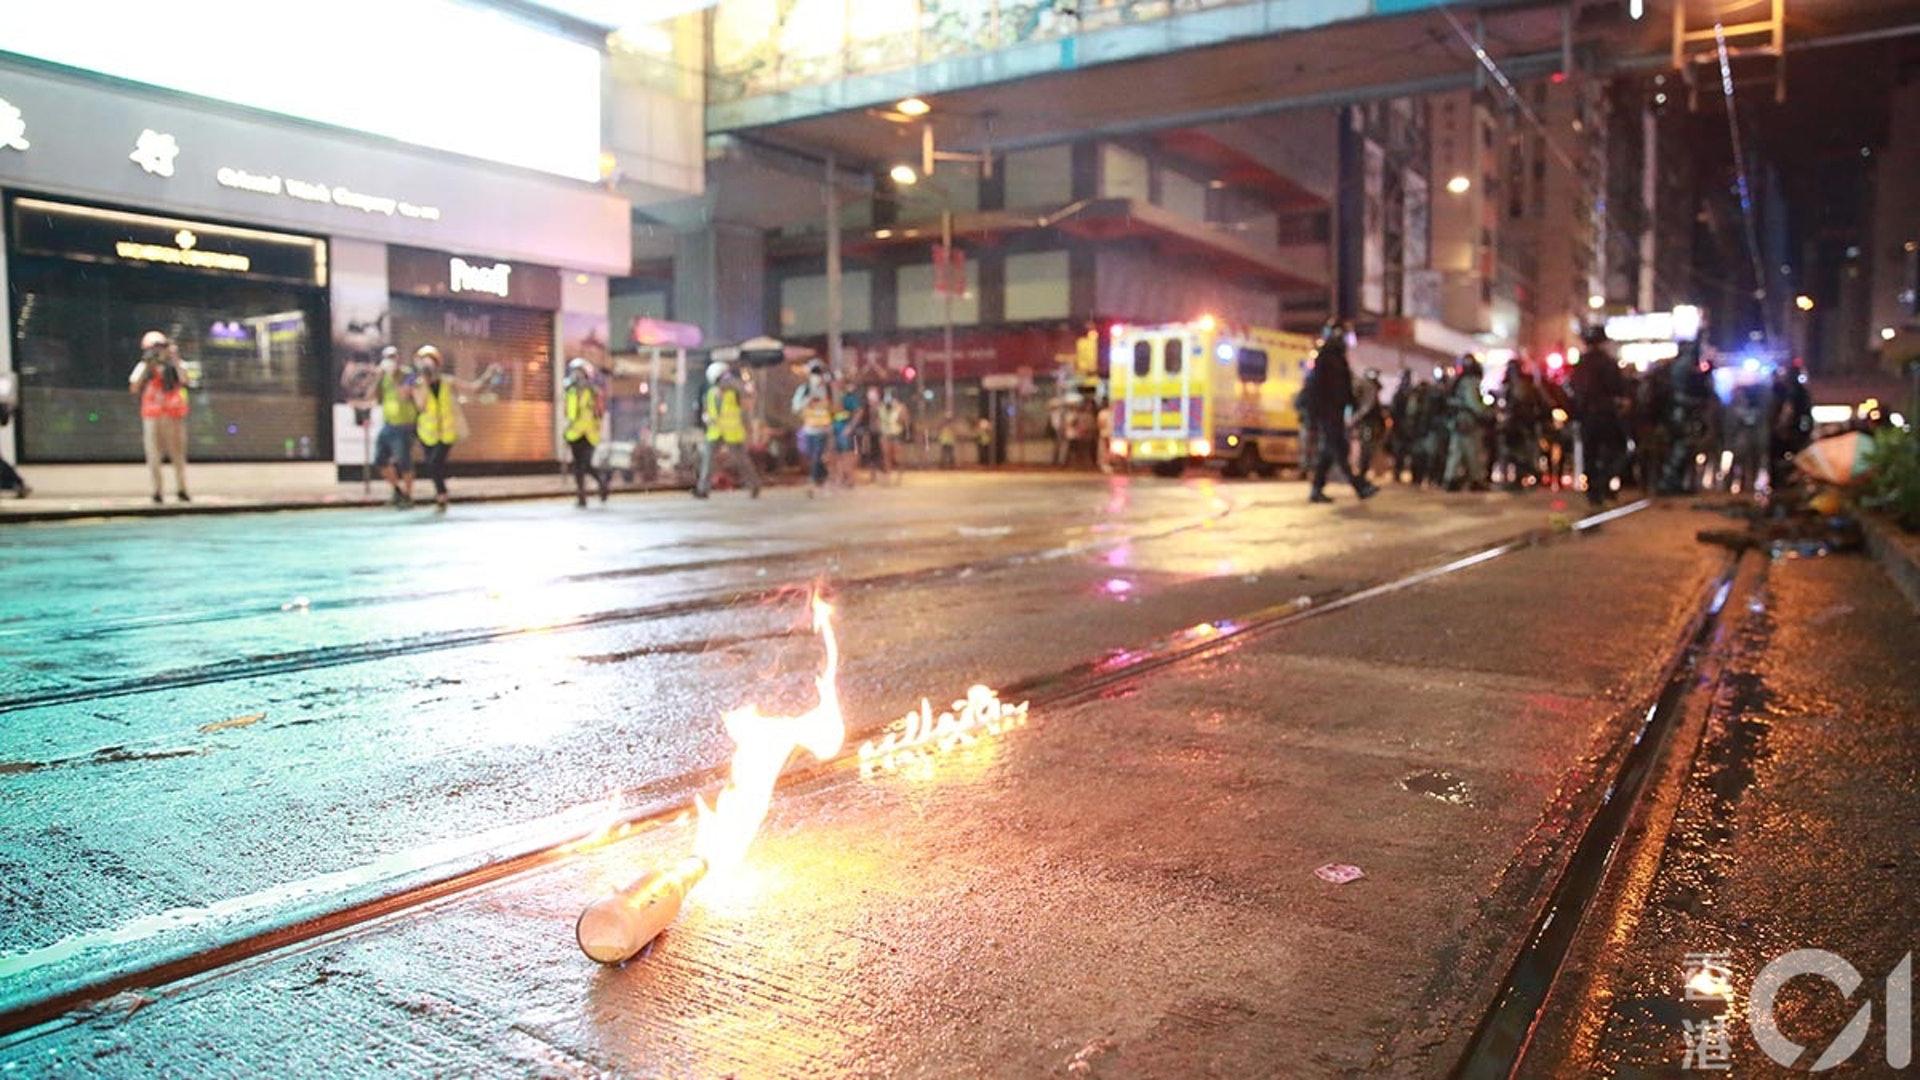 831遊行示威衝突,晚上8點多,警方在銅鑼灣驅散和拘捕示威者,有示威者用燃燒彈還擊。(羅國輝攝)